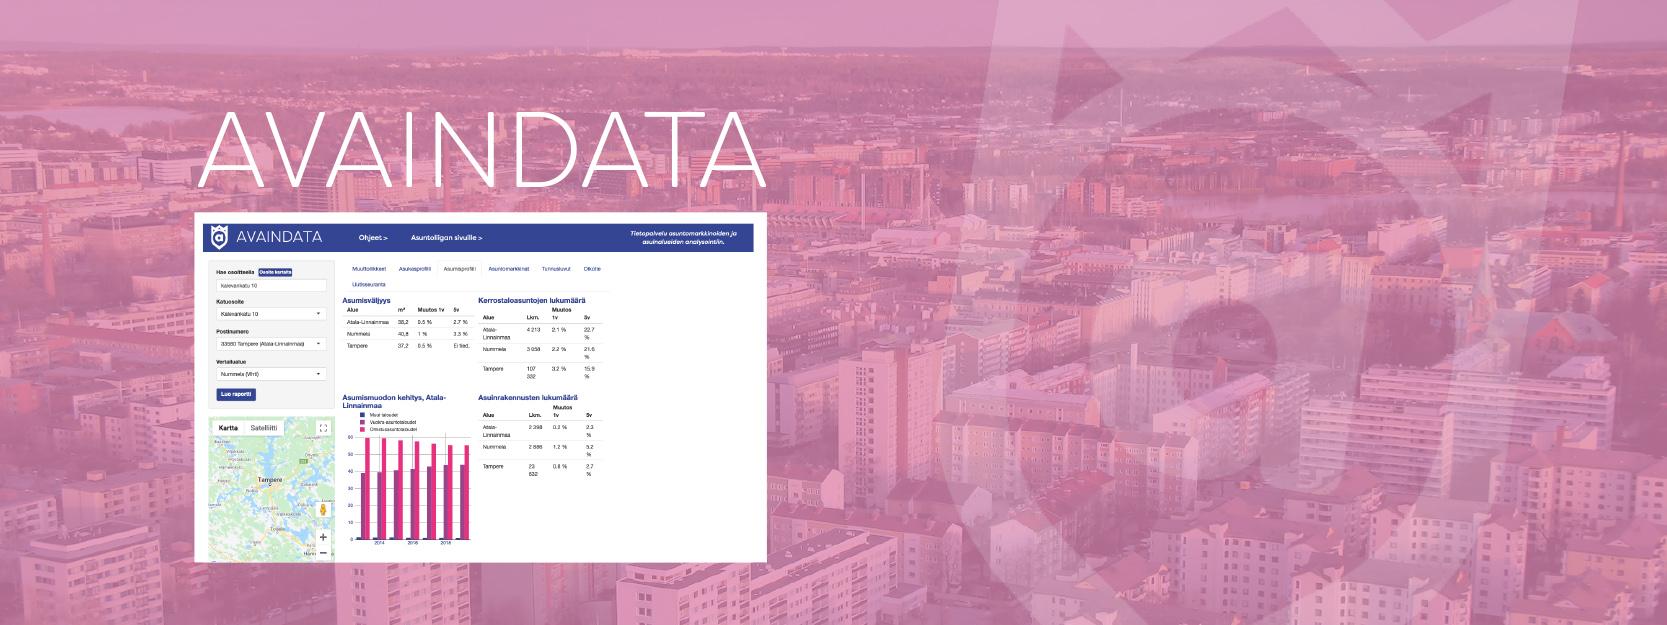 Avaindata-palvelun näkymä tyylitellyllä vaaleanpunaisella kaupunkitaustalla.